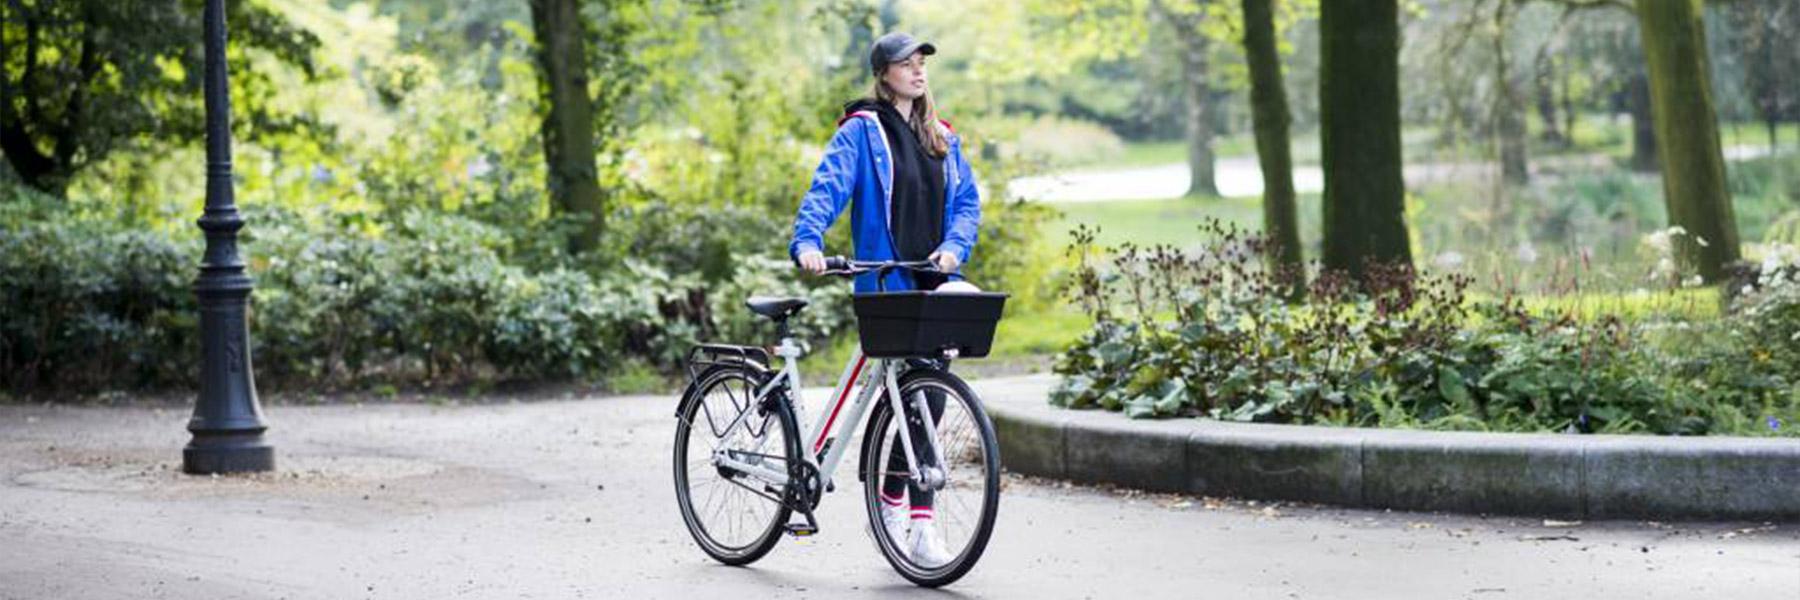 Meisje in park met union fiets